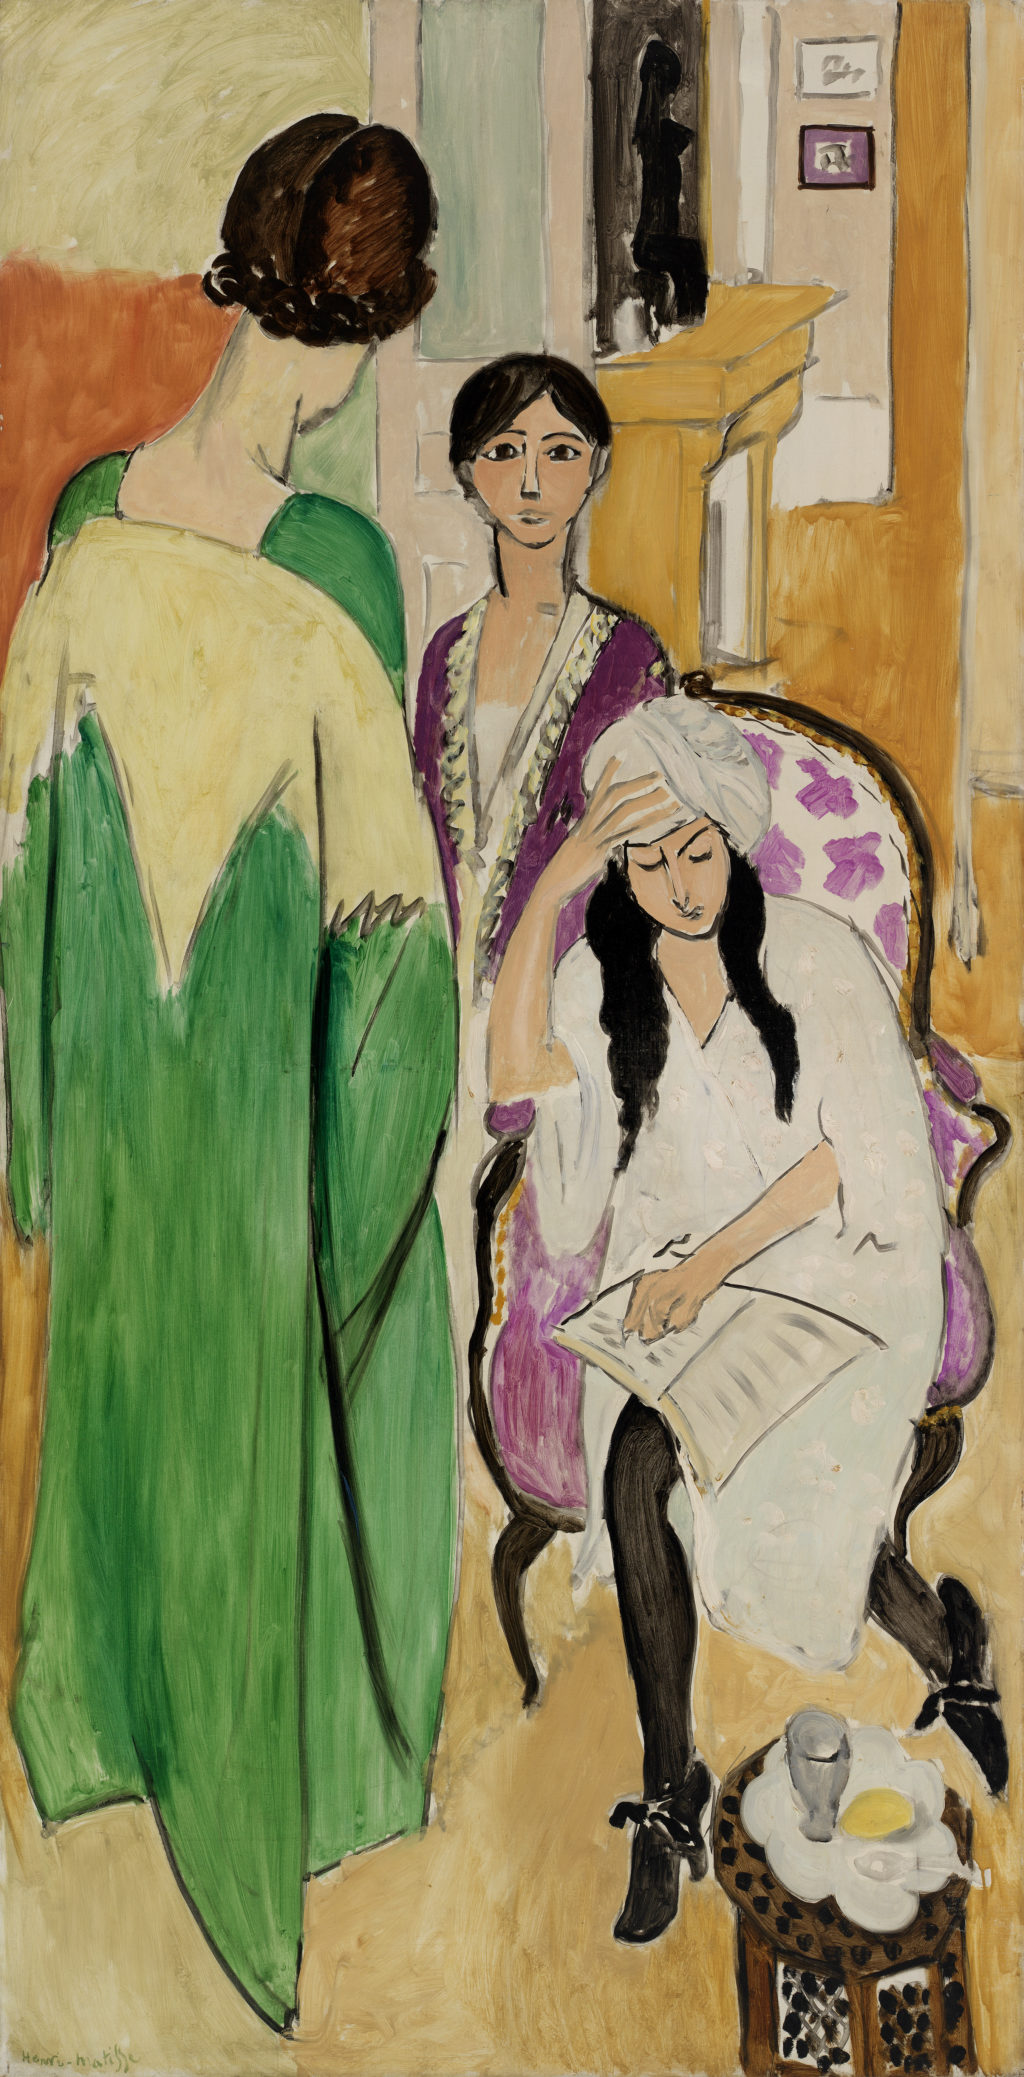 Картинки по запросу henri matisse abstract artwork with figures